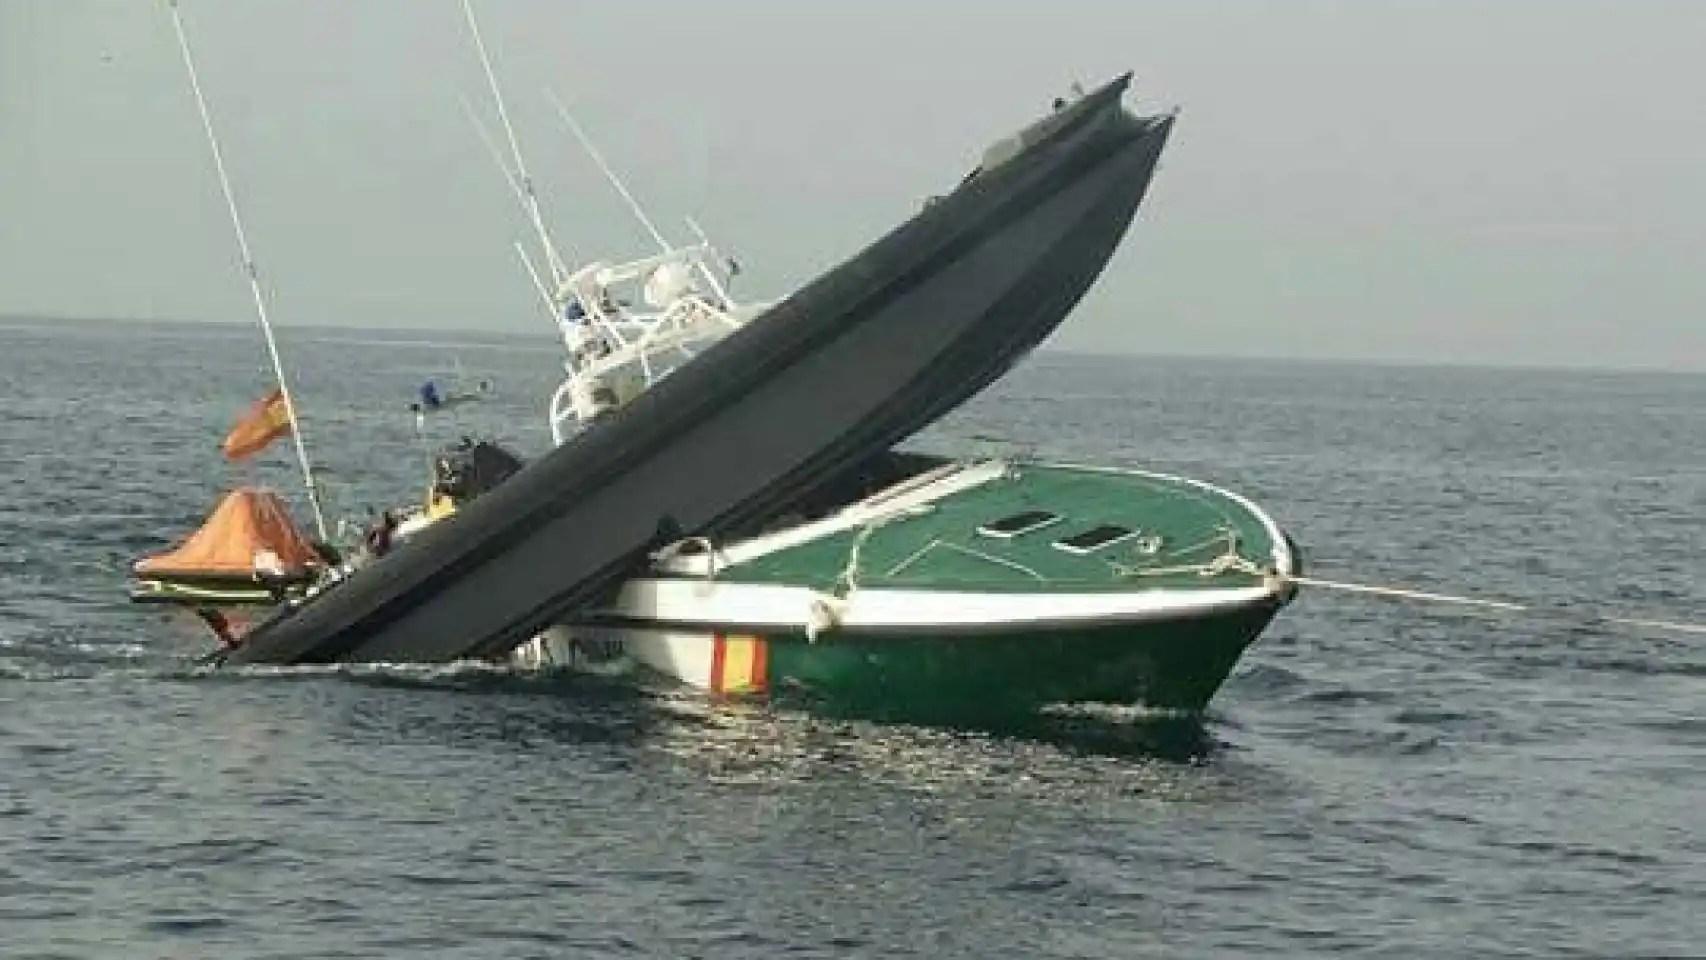 Una lancha ultrarrápida y una de la Guardia Civil tras una embestida en el mar.